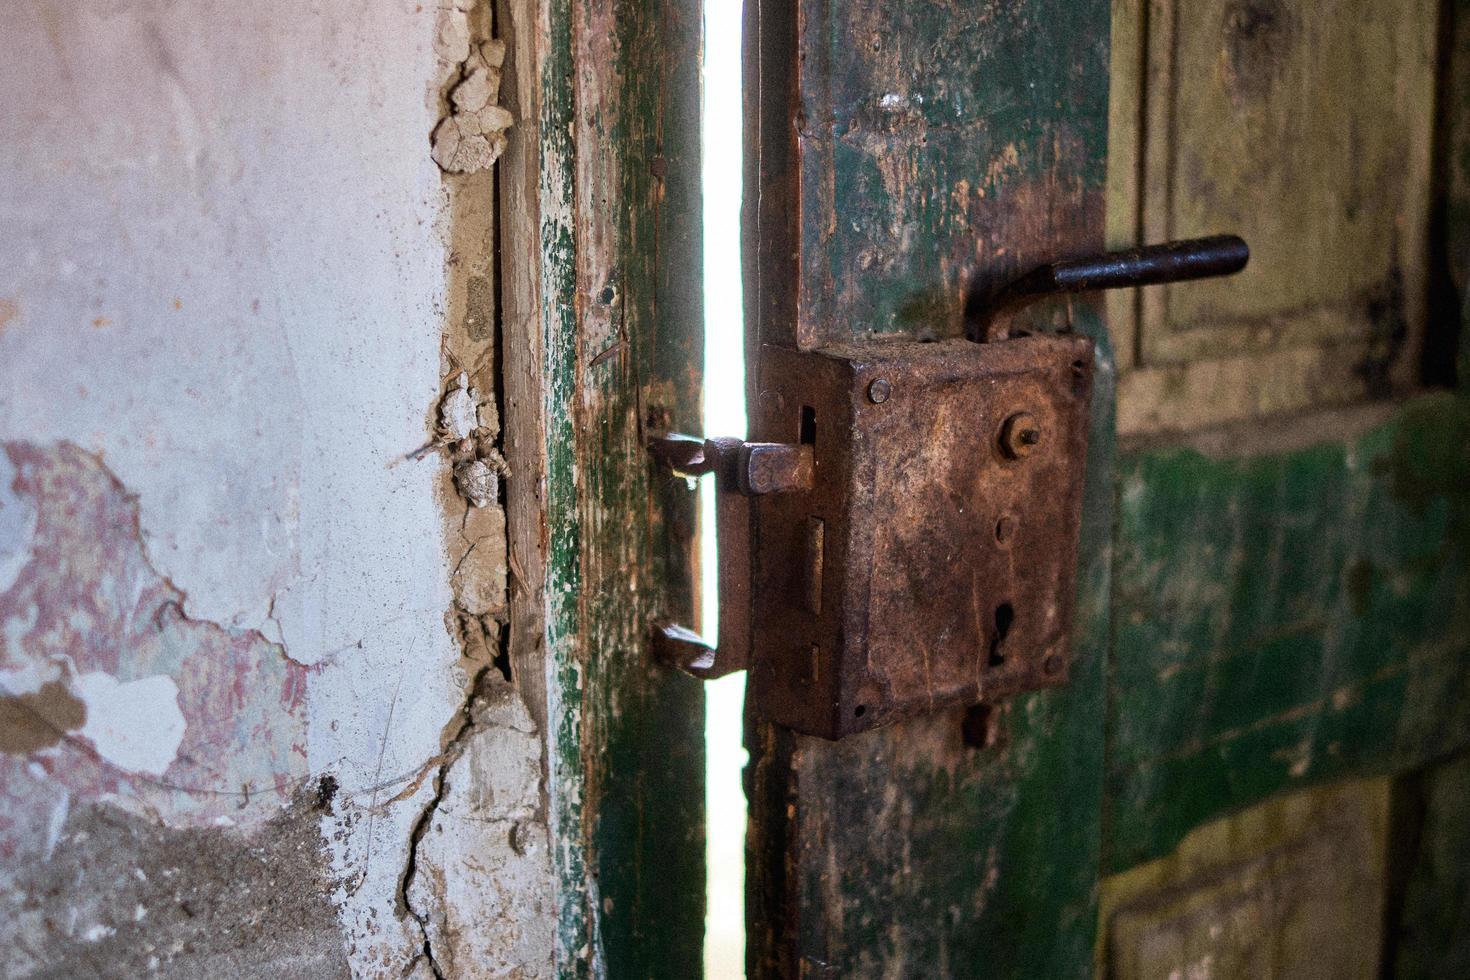 Primer plano de un viejo candado desgastado en una puerta foto